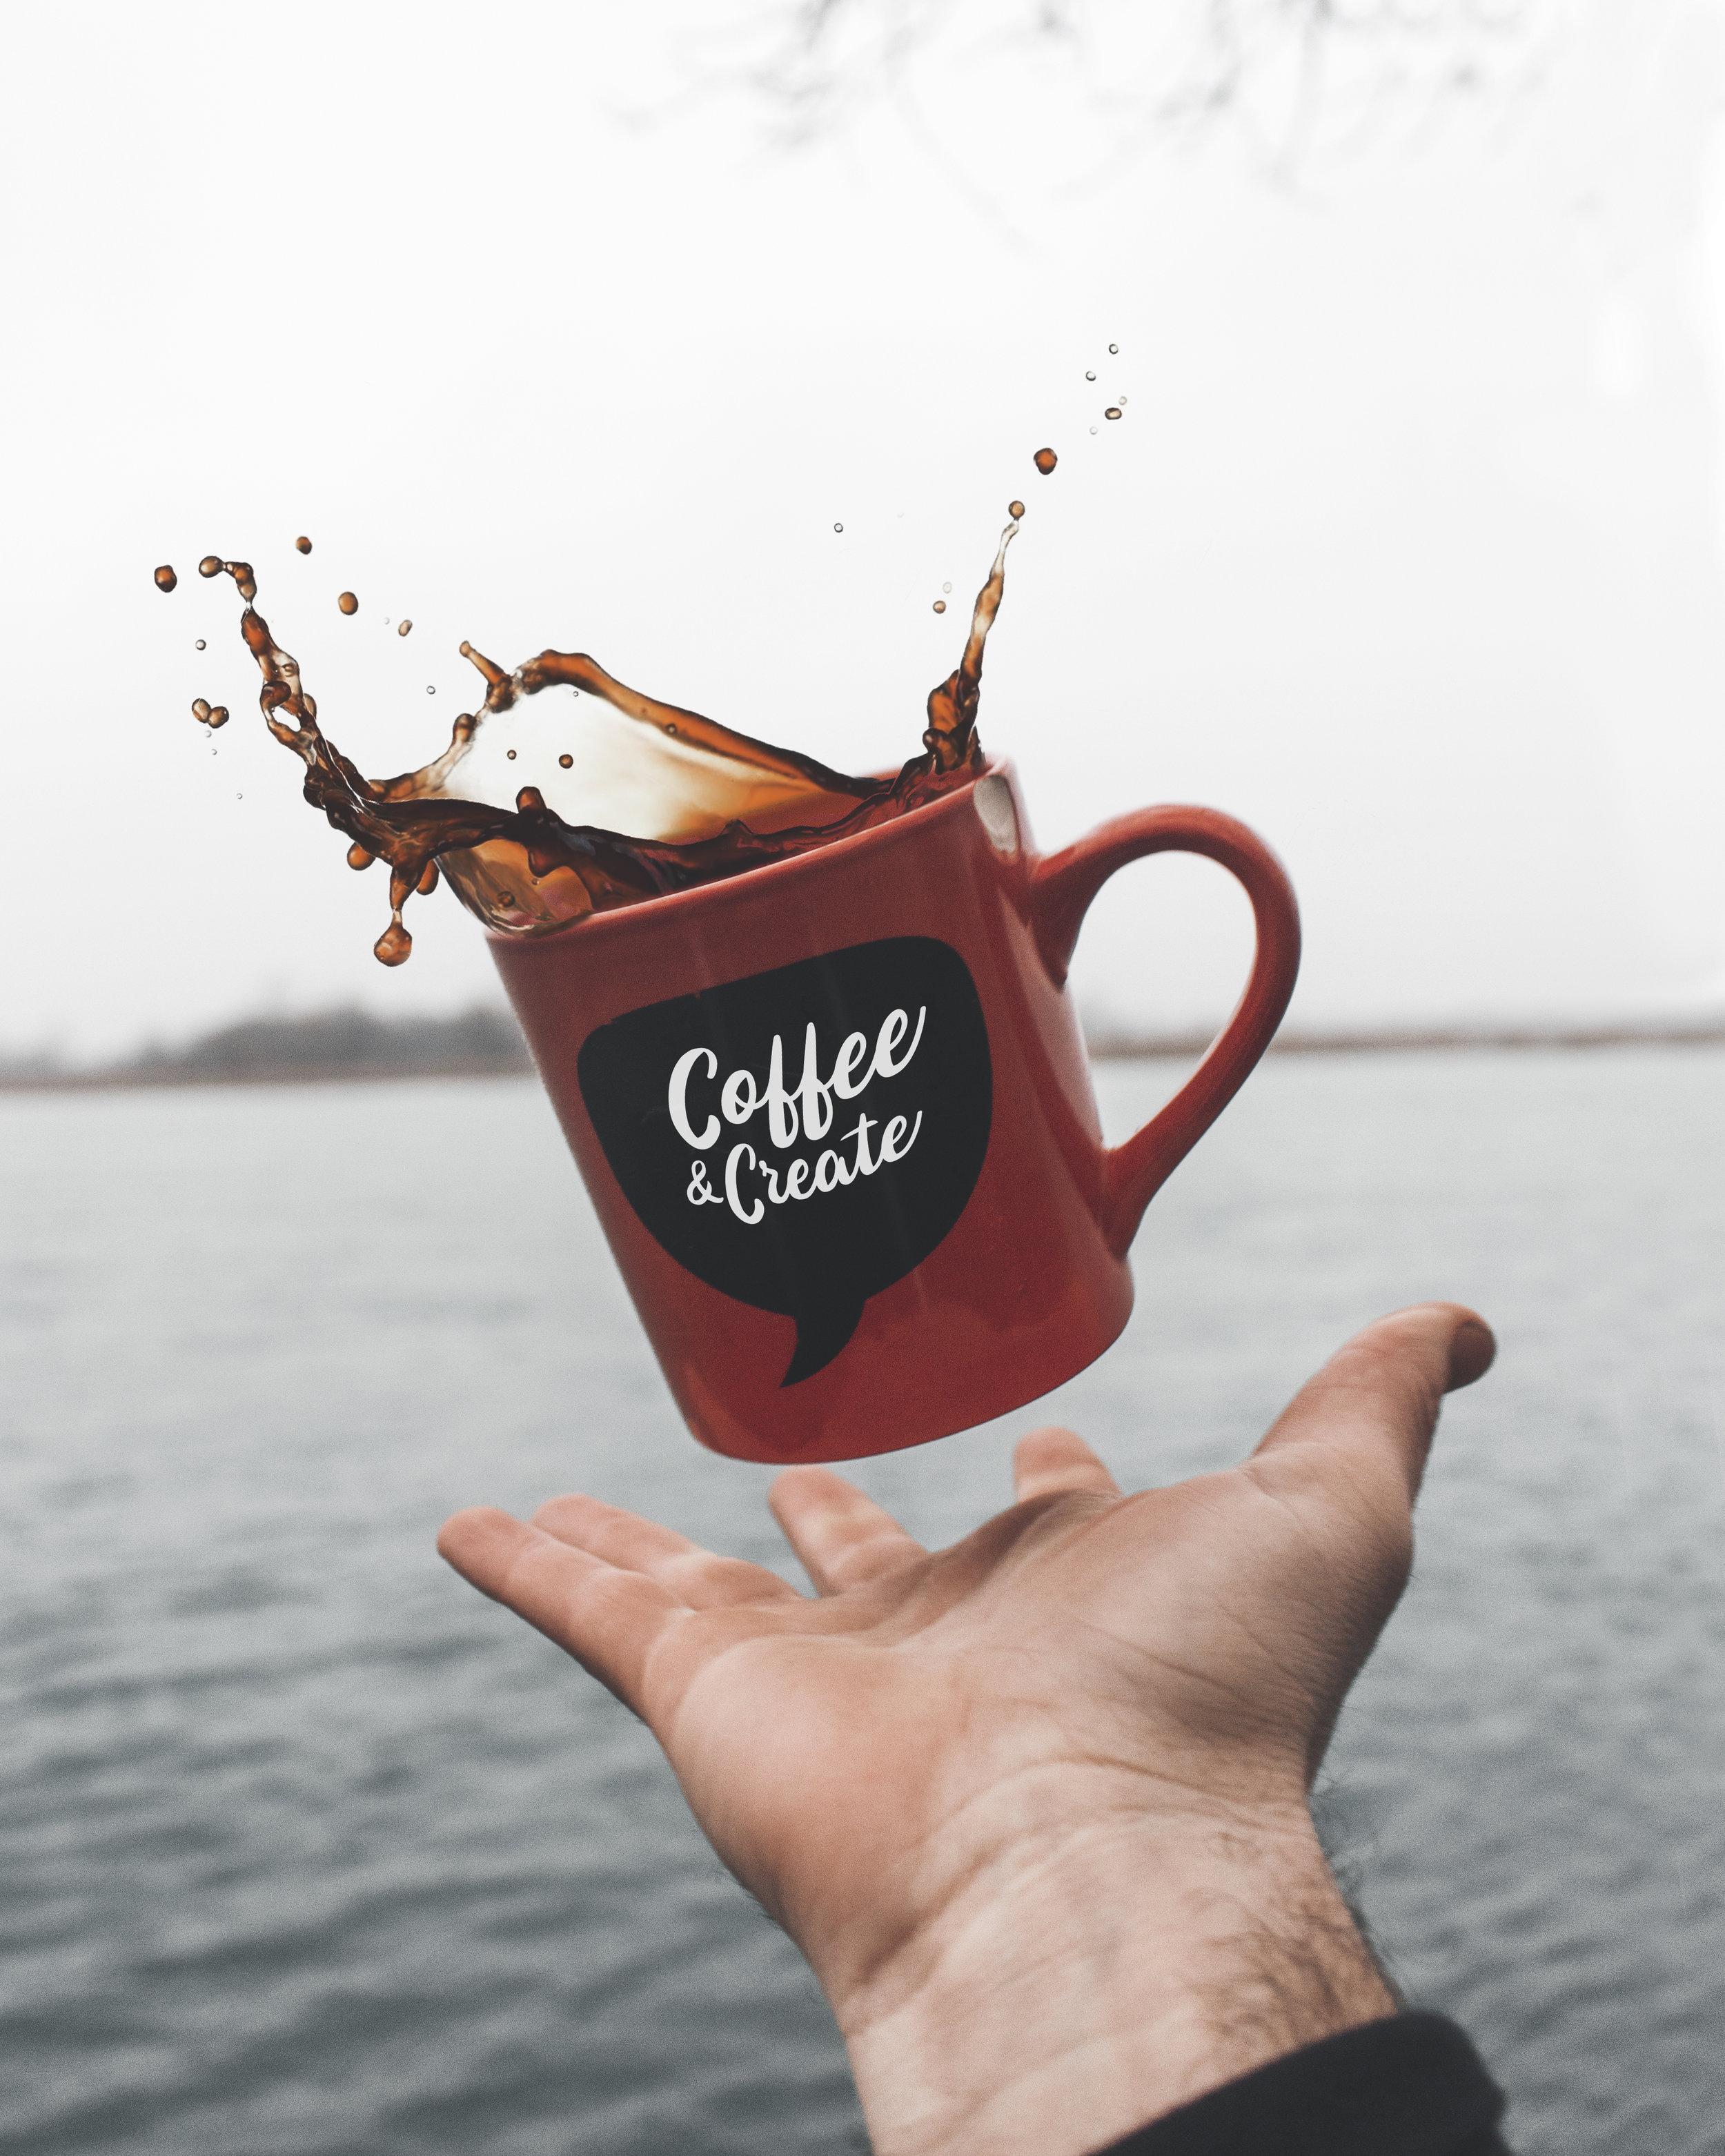 Provate a ridurre il vostro consumo di caffè! - Devete sapere che questa sostanza contribuisce alla disidratazione della pelle favorendo, quindi, la formazione delle rughe.